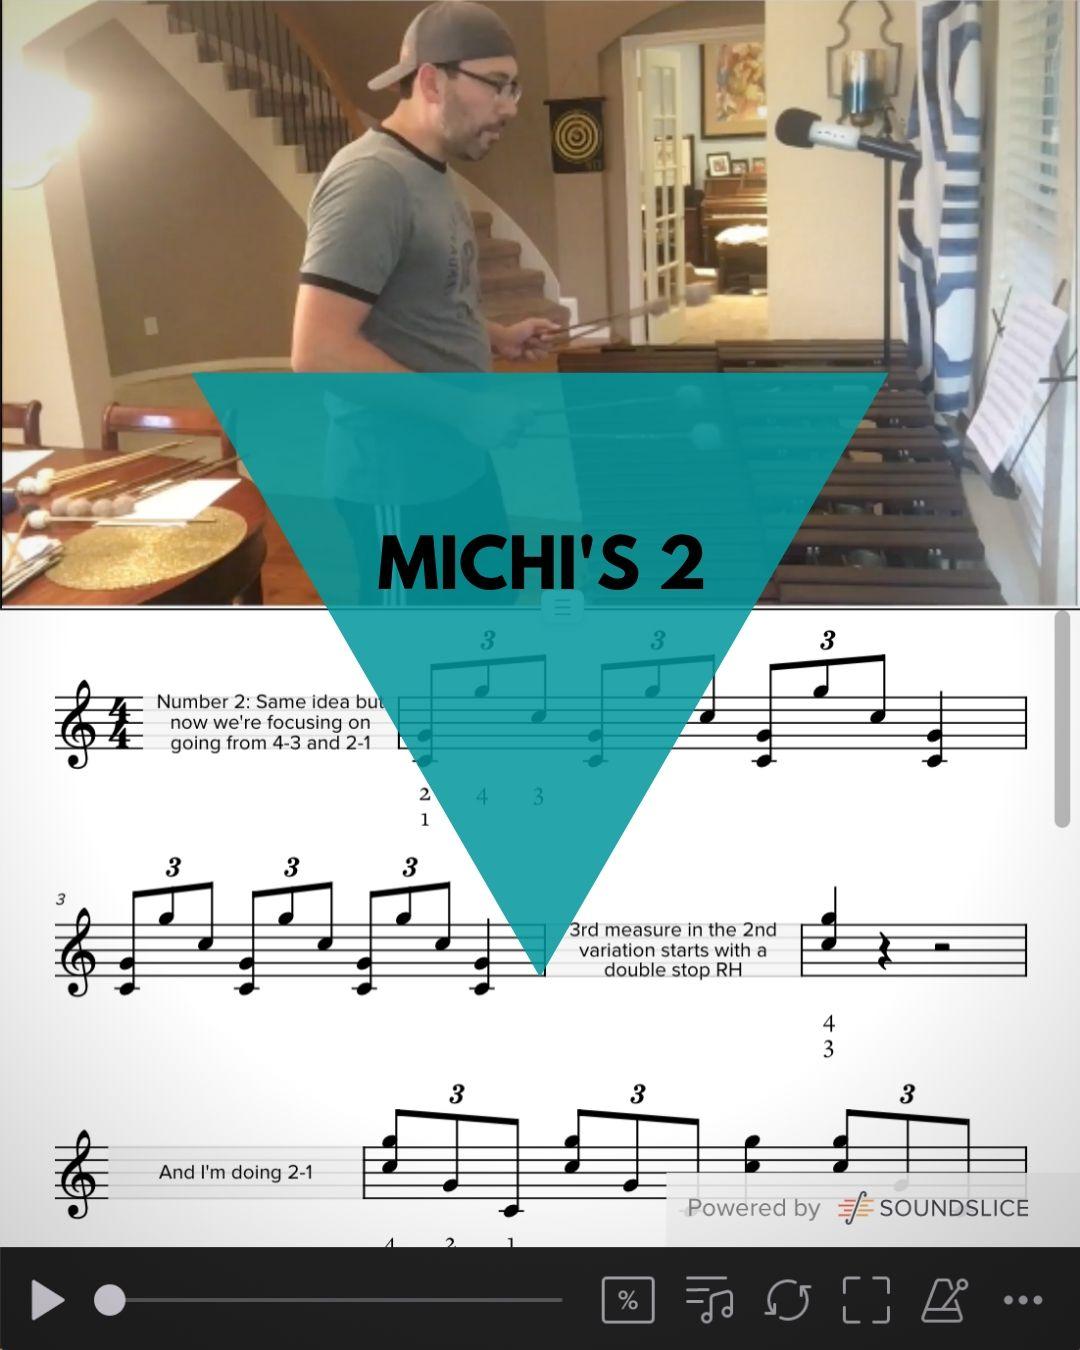 Michi's #2